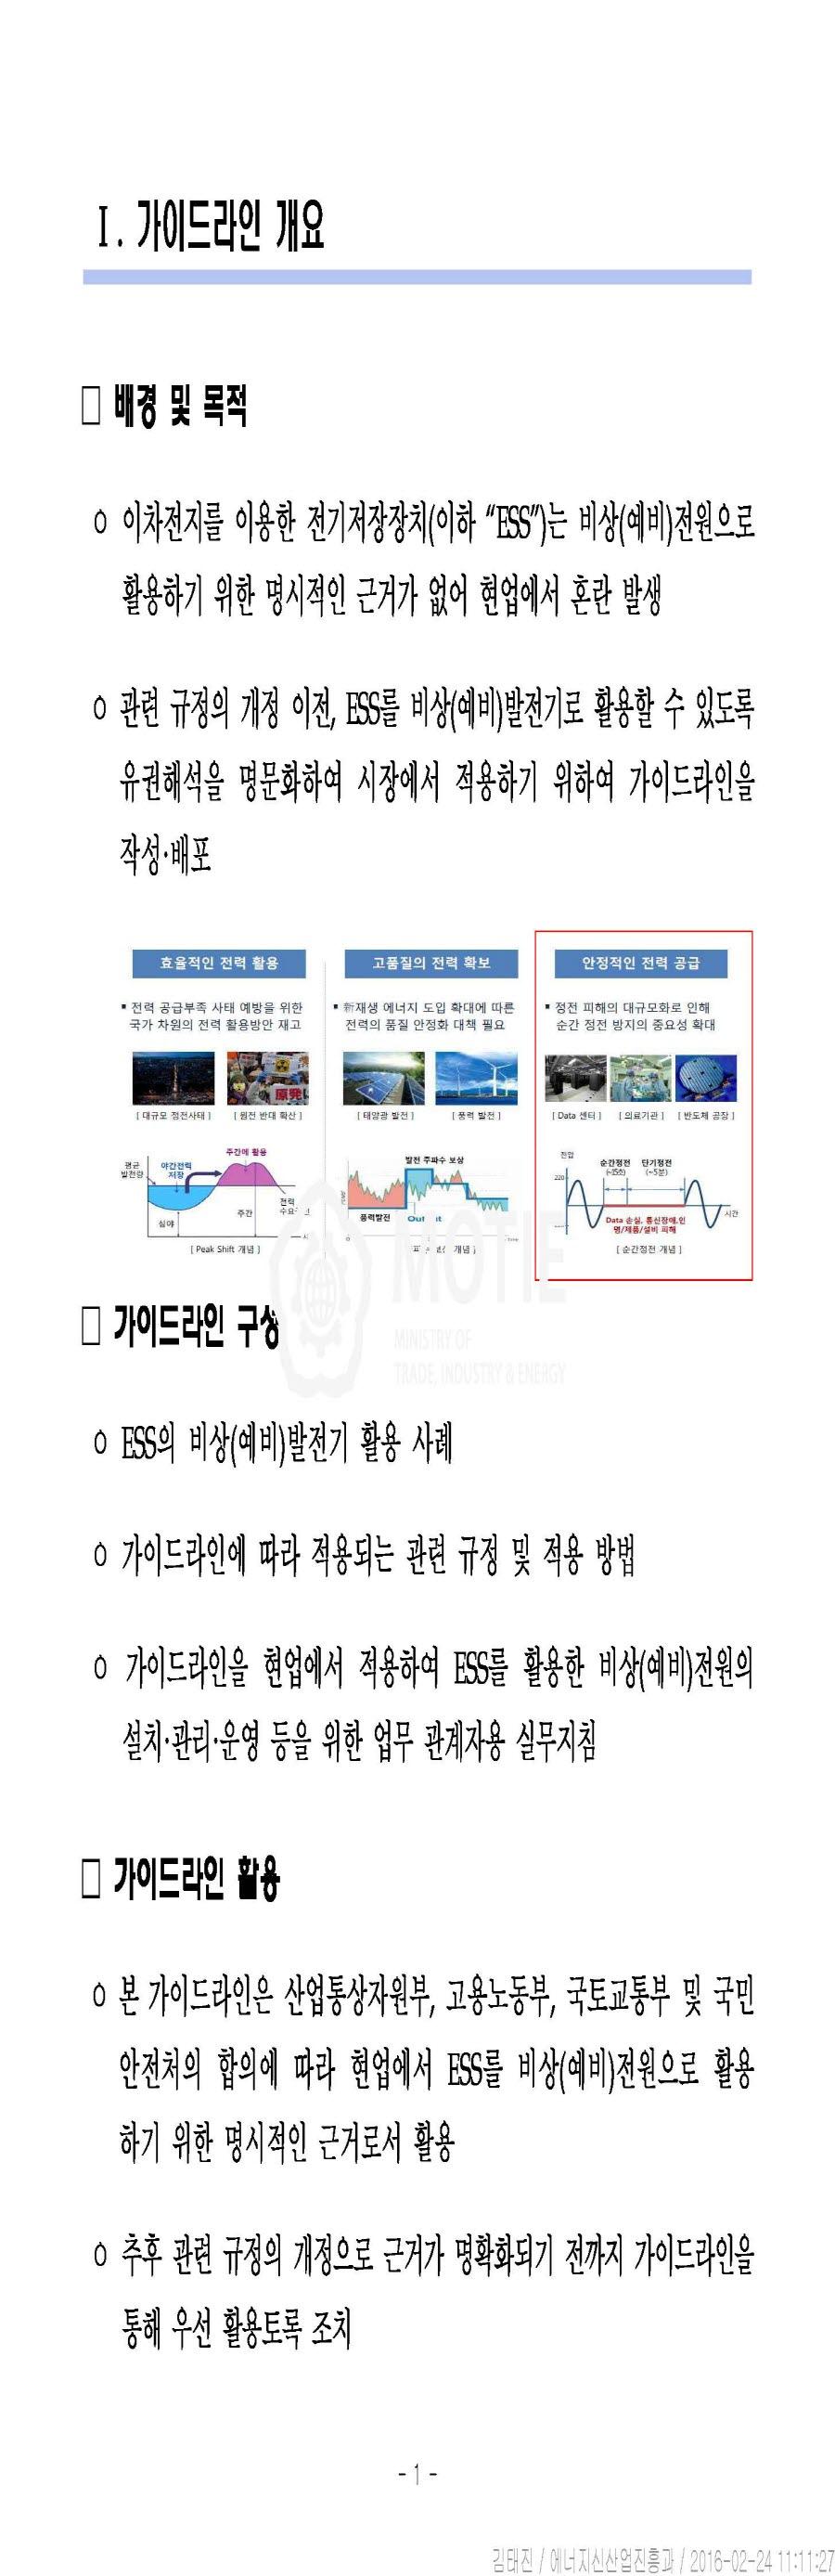 0224 (참고자료) 에너지신산업진흥과, 가이드라인 발표(붙임)_페이지_03.jpg